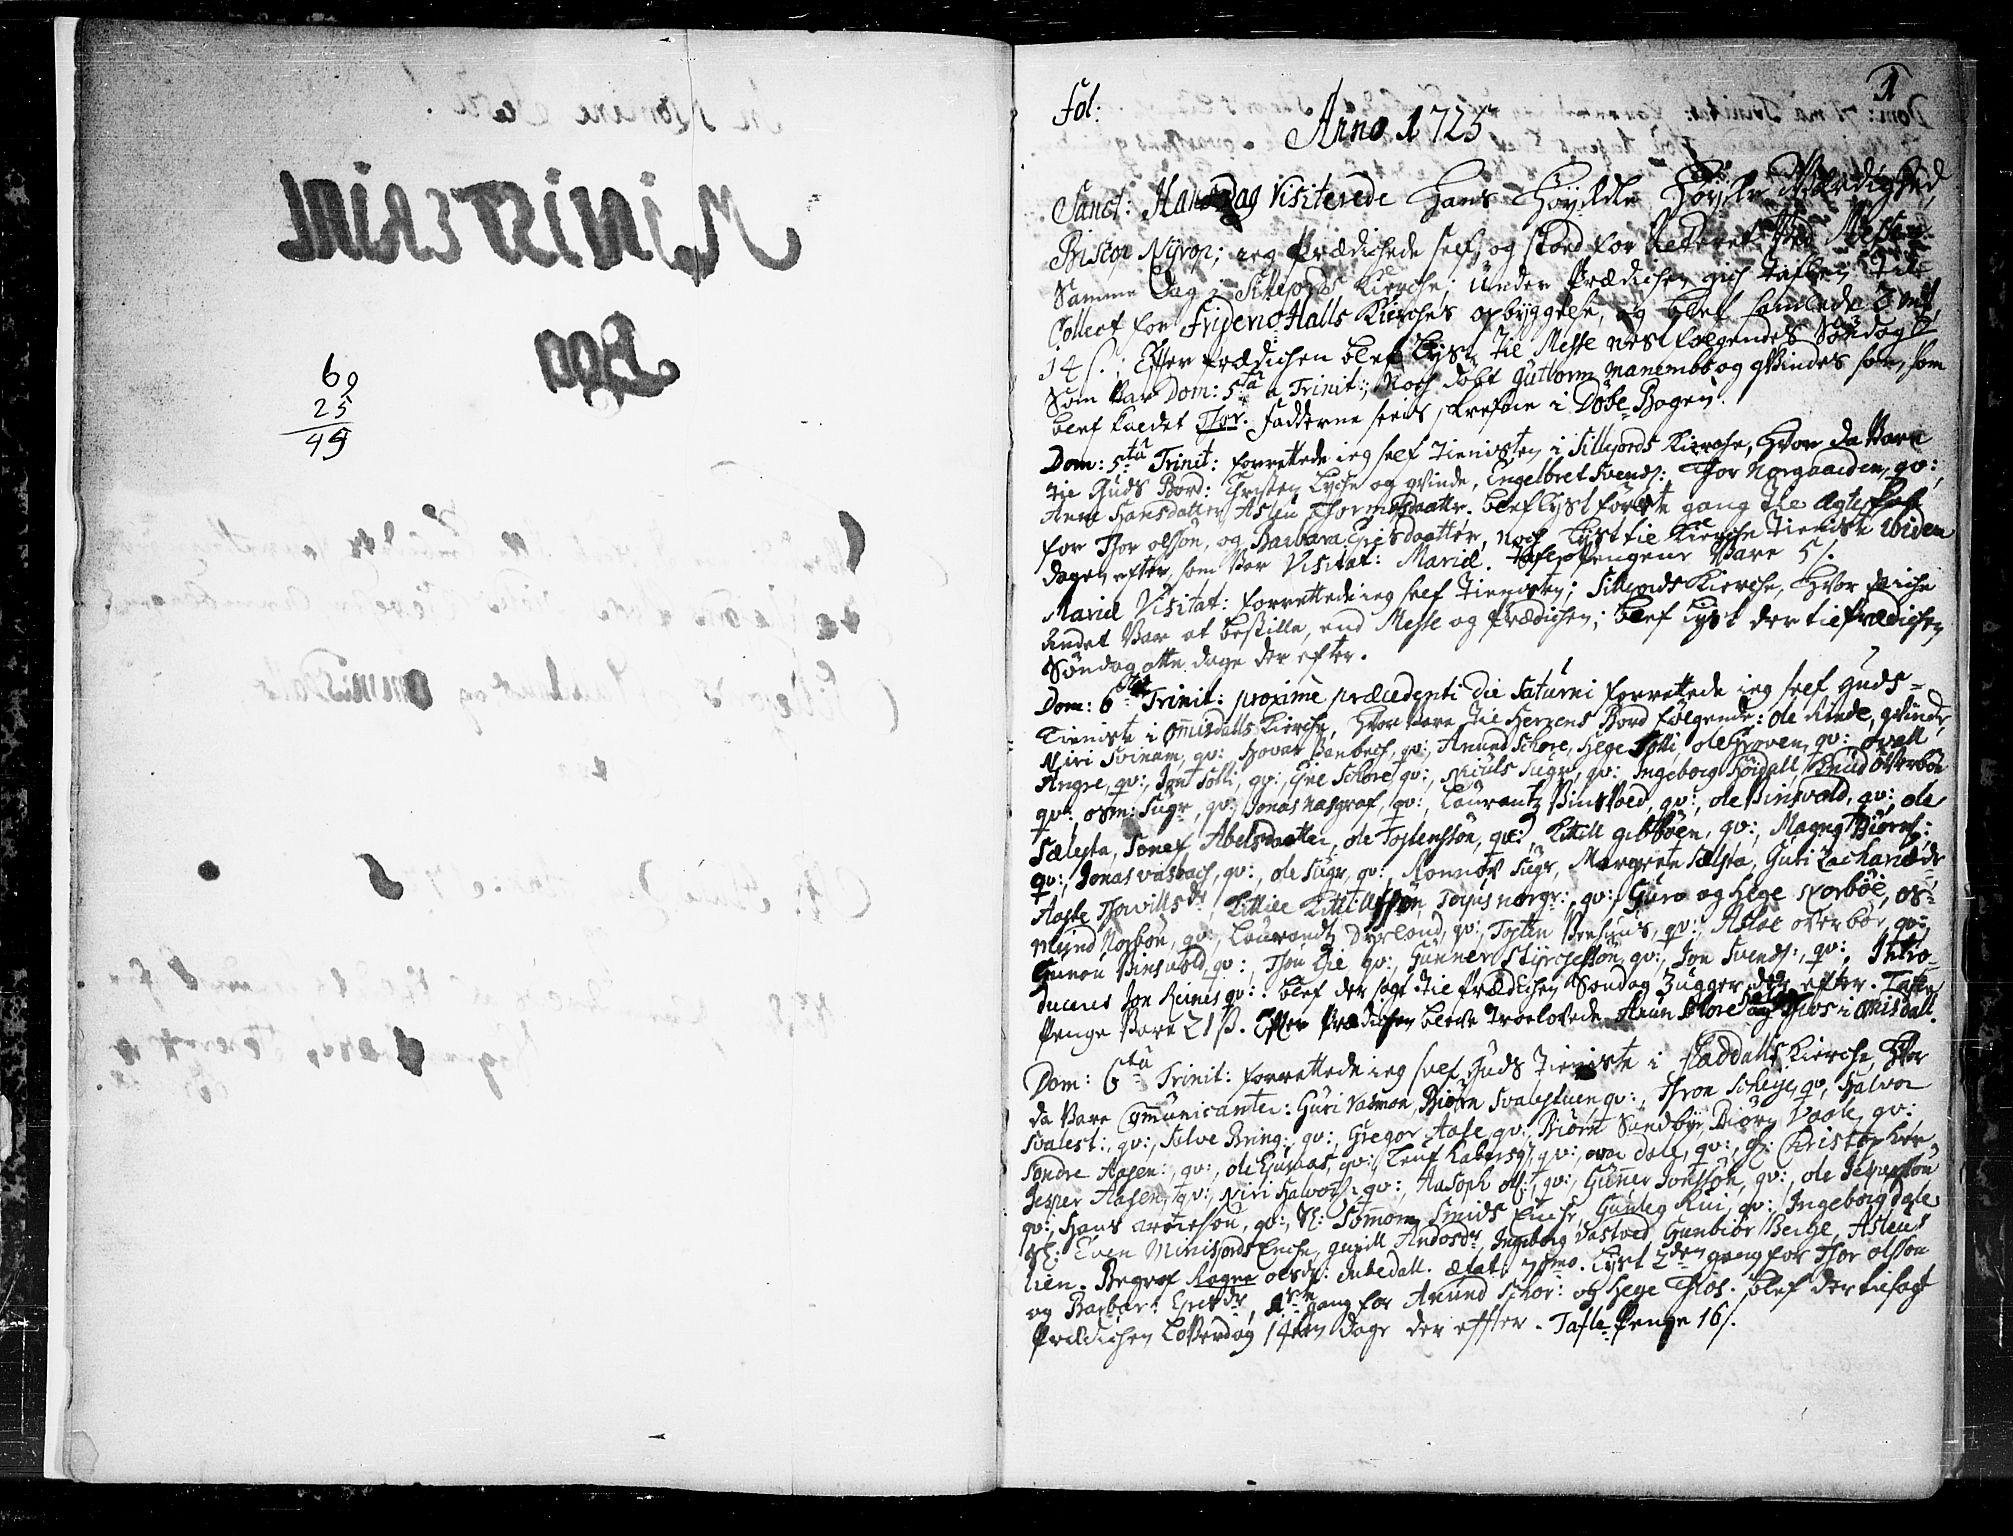 SAKO, Seljord kirkebøker, F/Fa/L0004: Ministerialbok nr. I 4, 1725-1736, s. 1